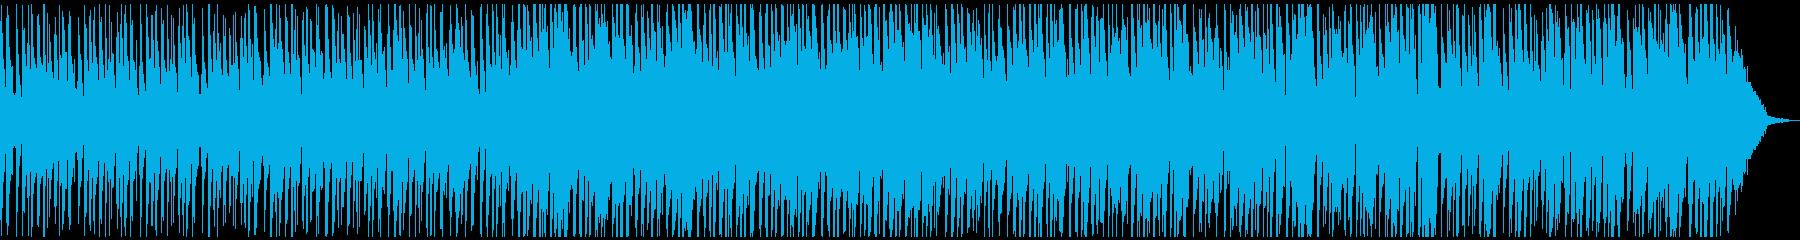 ローファイで80年代カセットテープ風の再生済みの波形